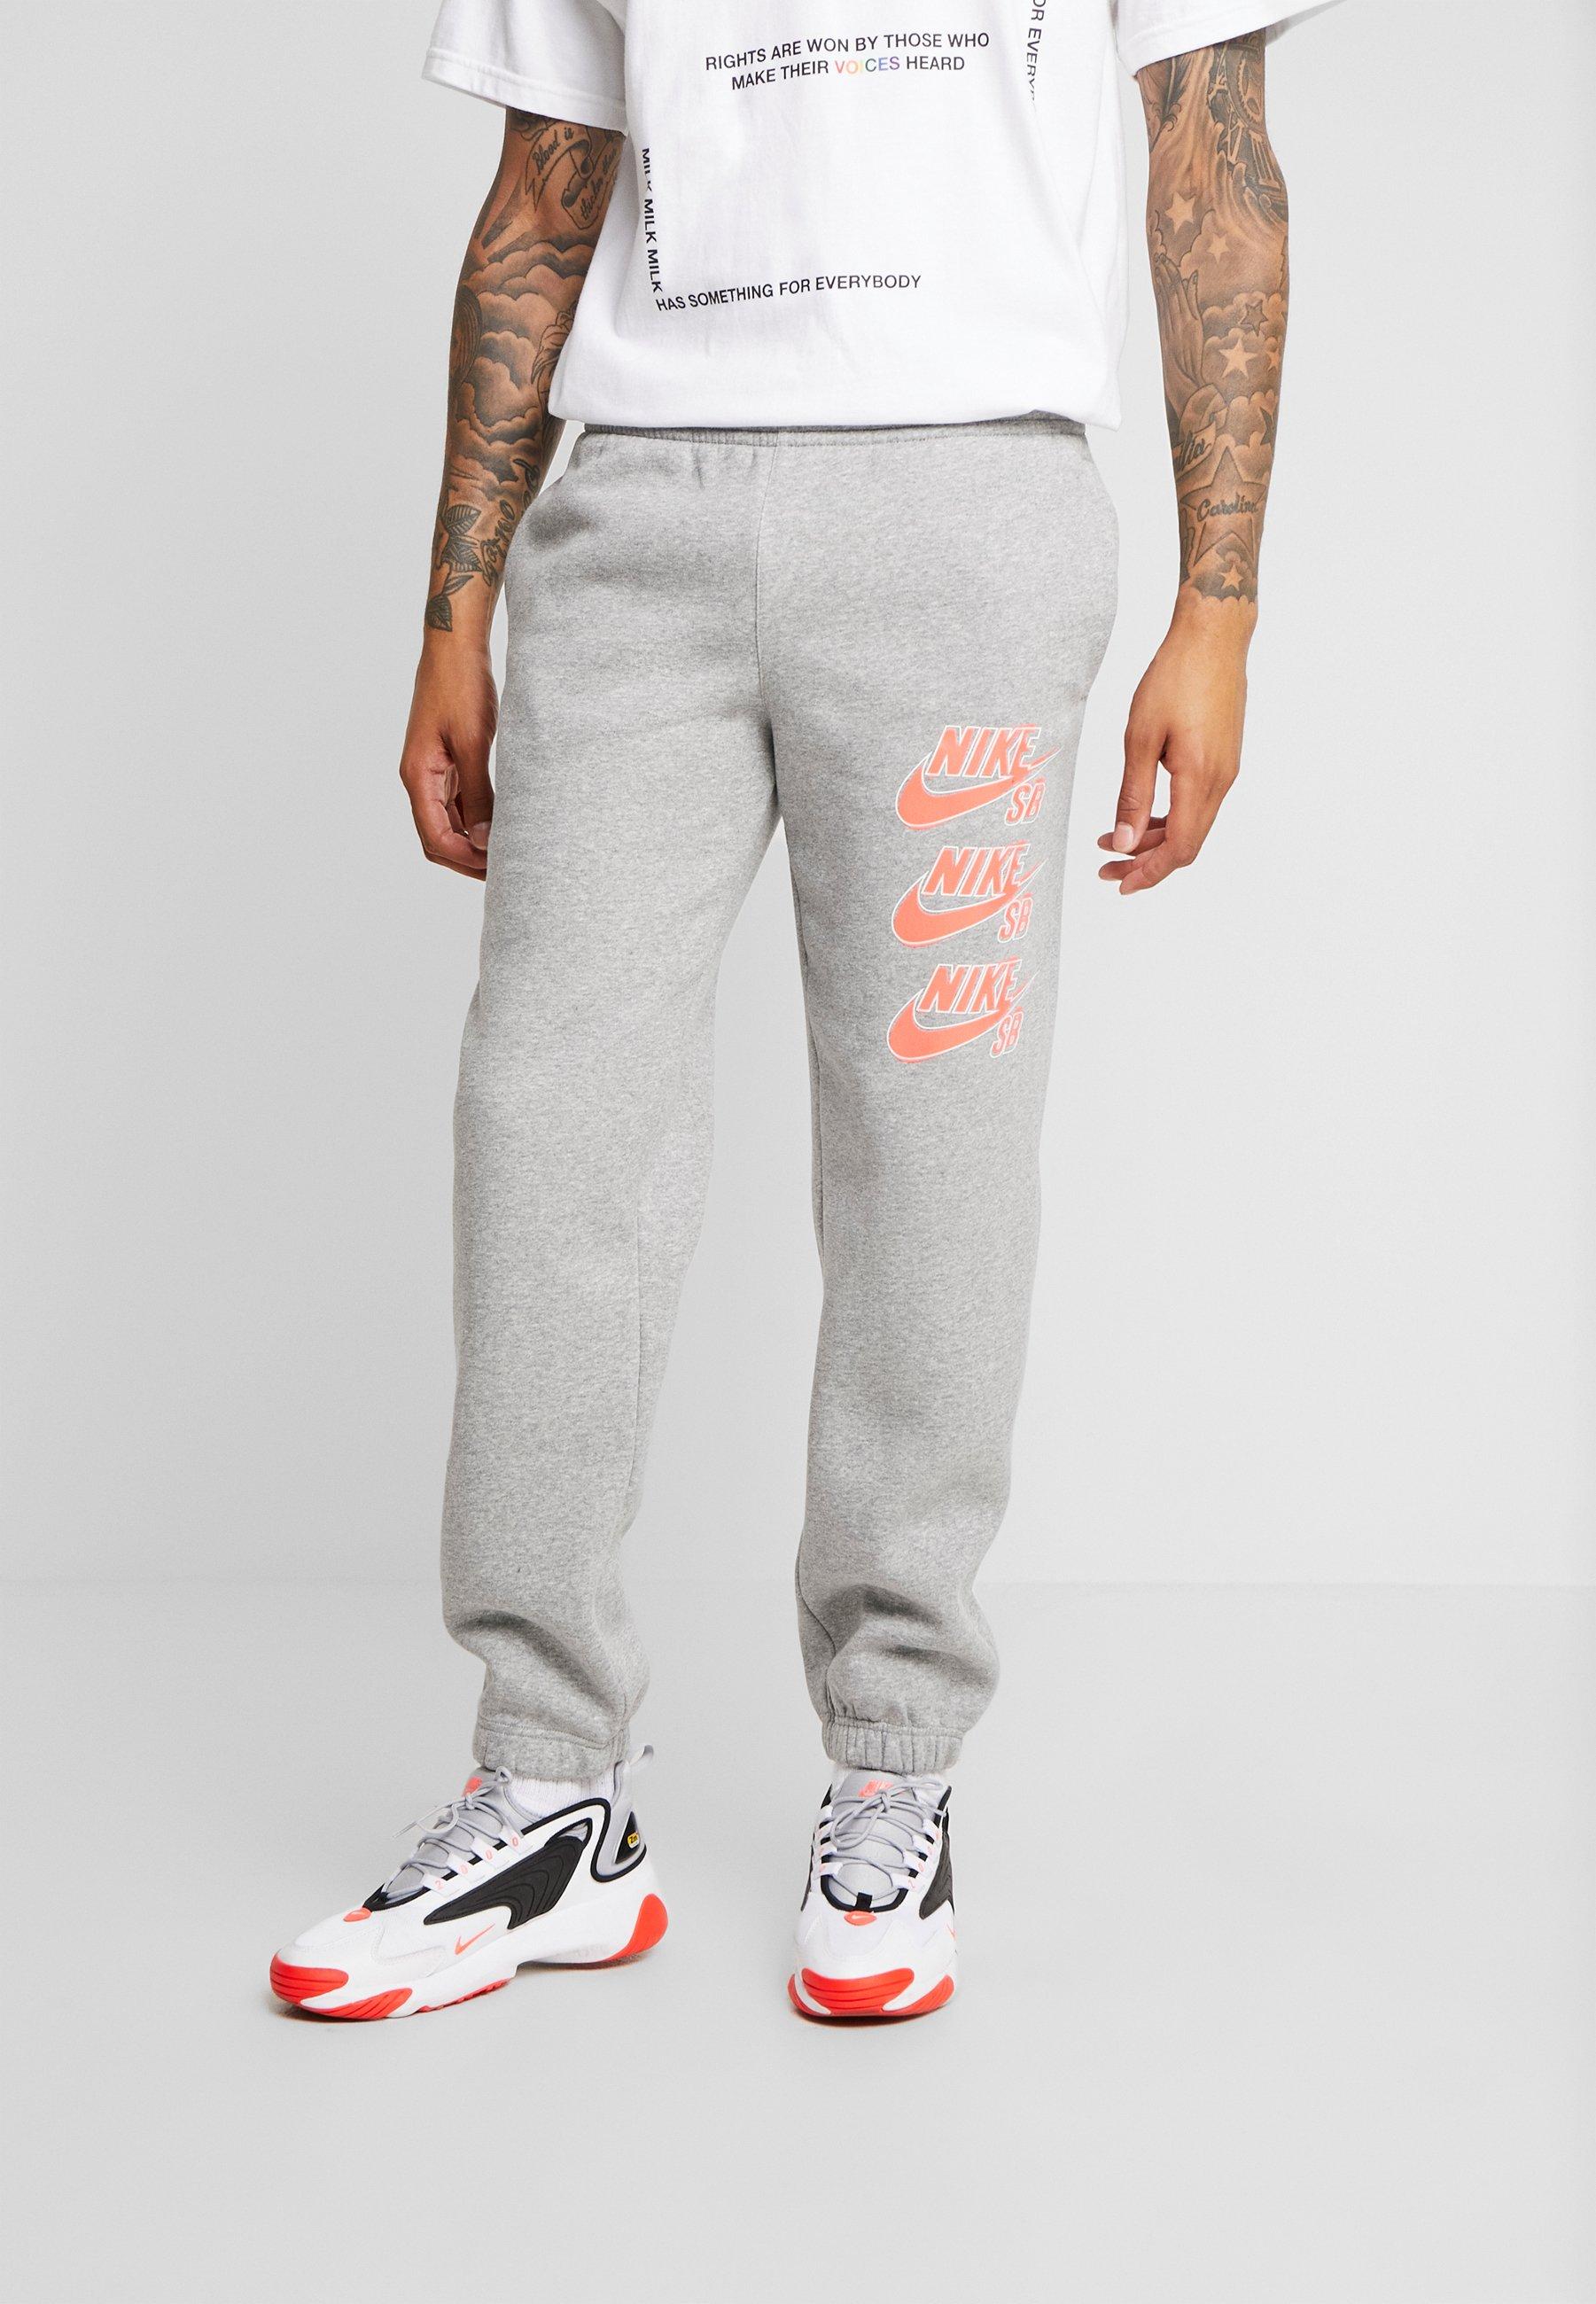 Nike SB tuotteet netistä | Uudet mallistot Zalandossa